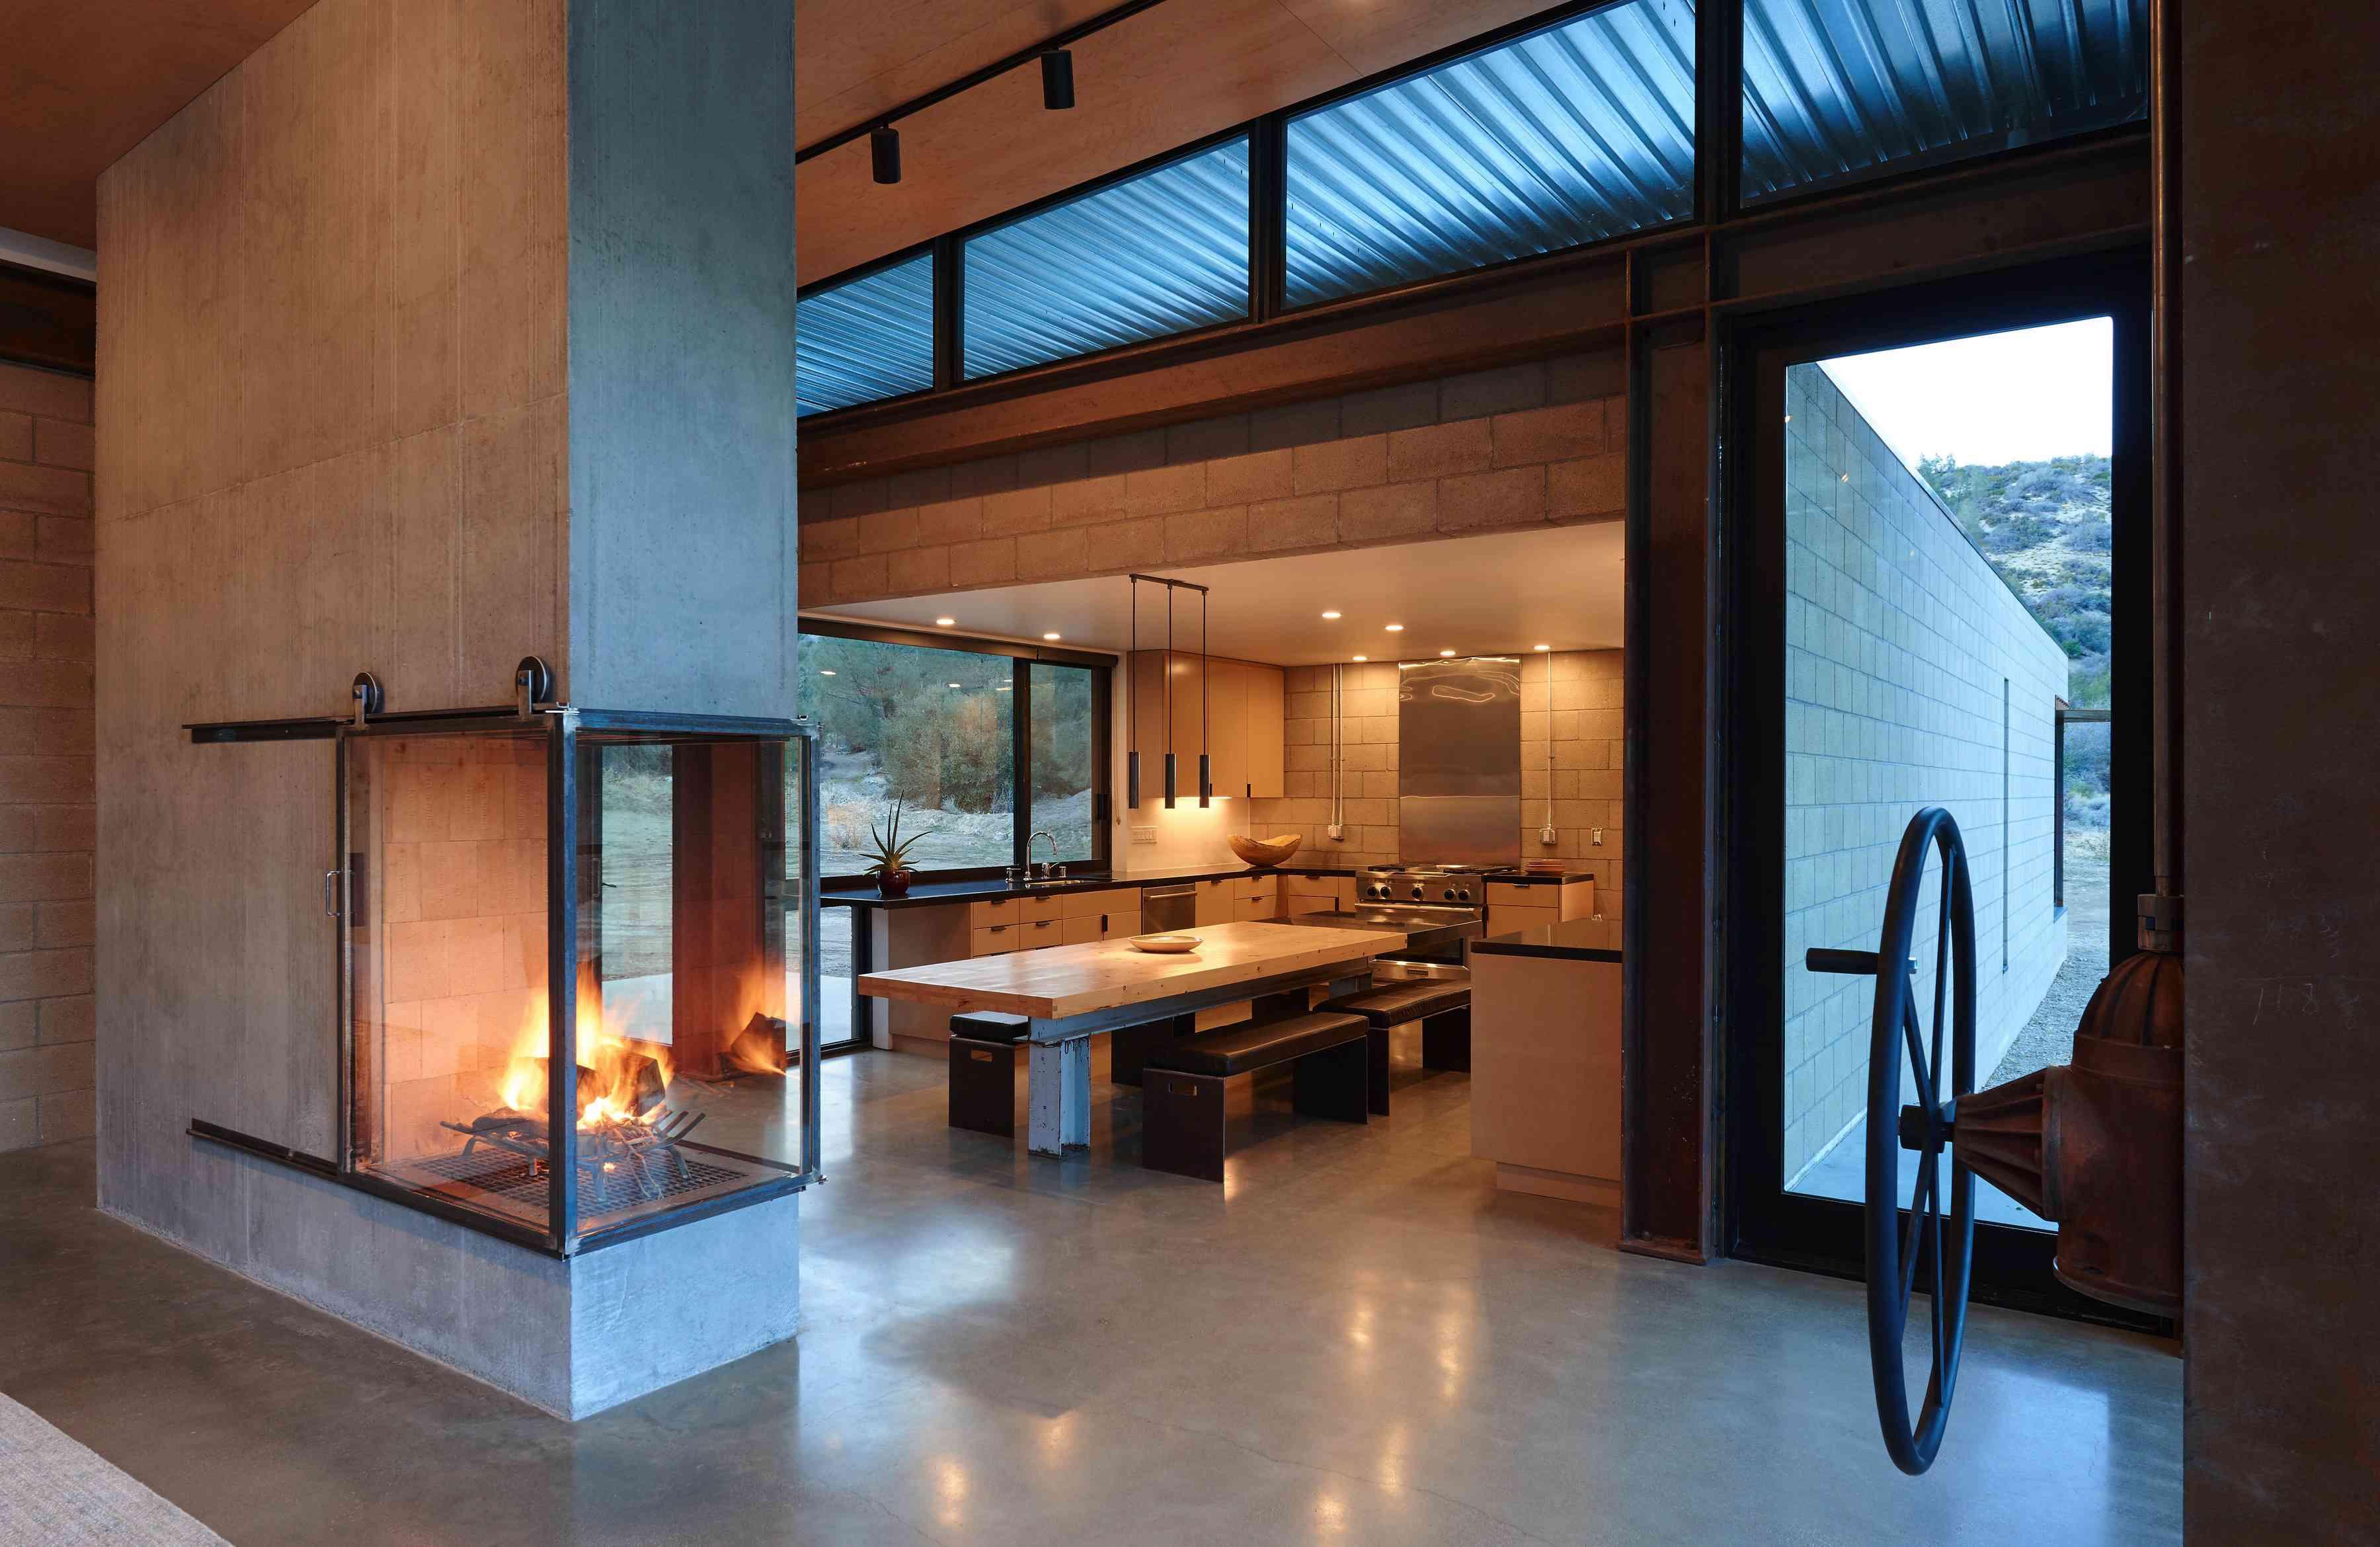 Sawmill interior living room